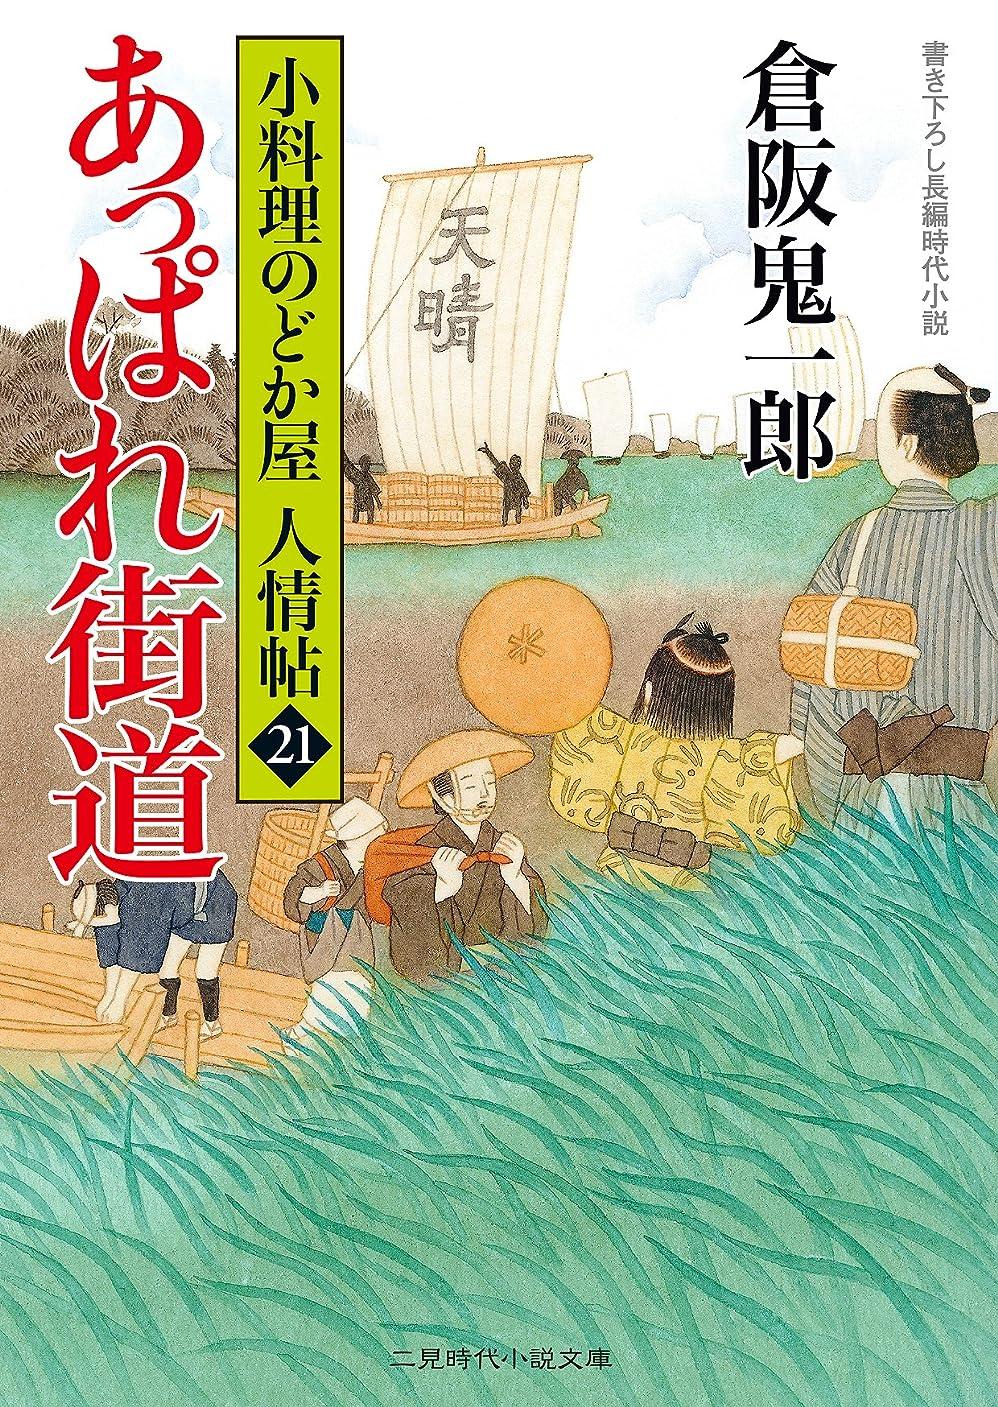 泣いているアコーダイアクリティカル将軍の宴 公家武者 松平信平9 (二見時代小説文庫)